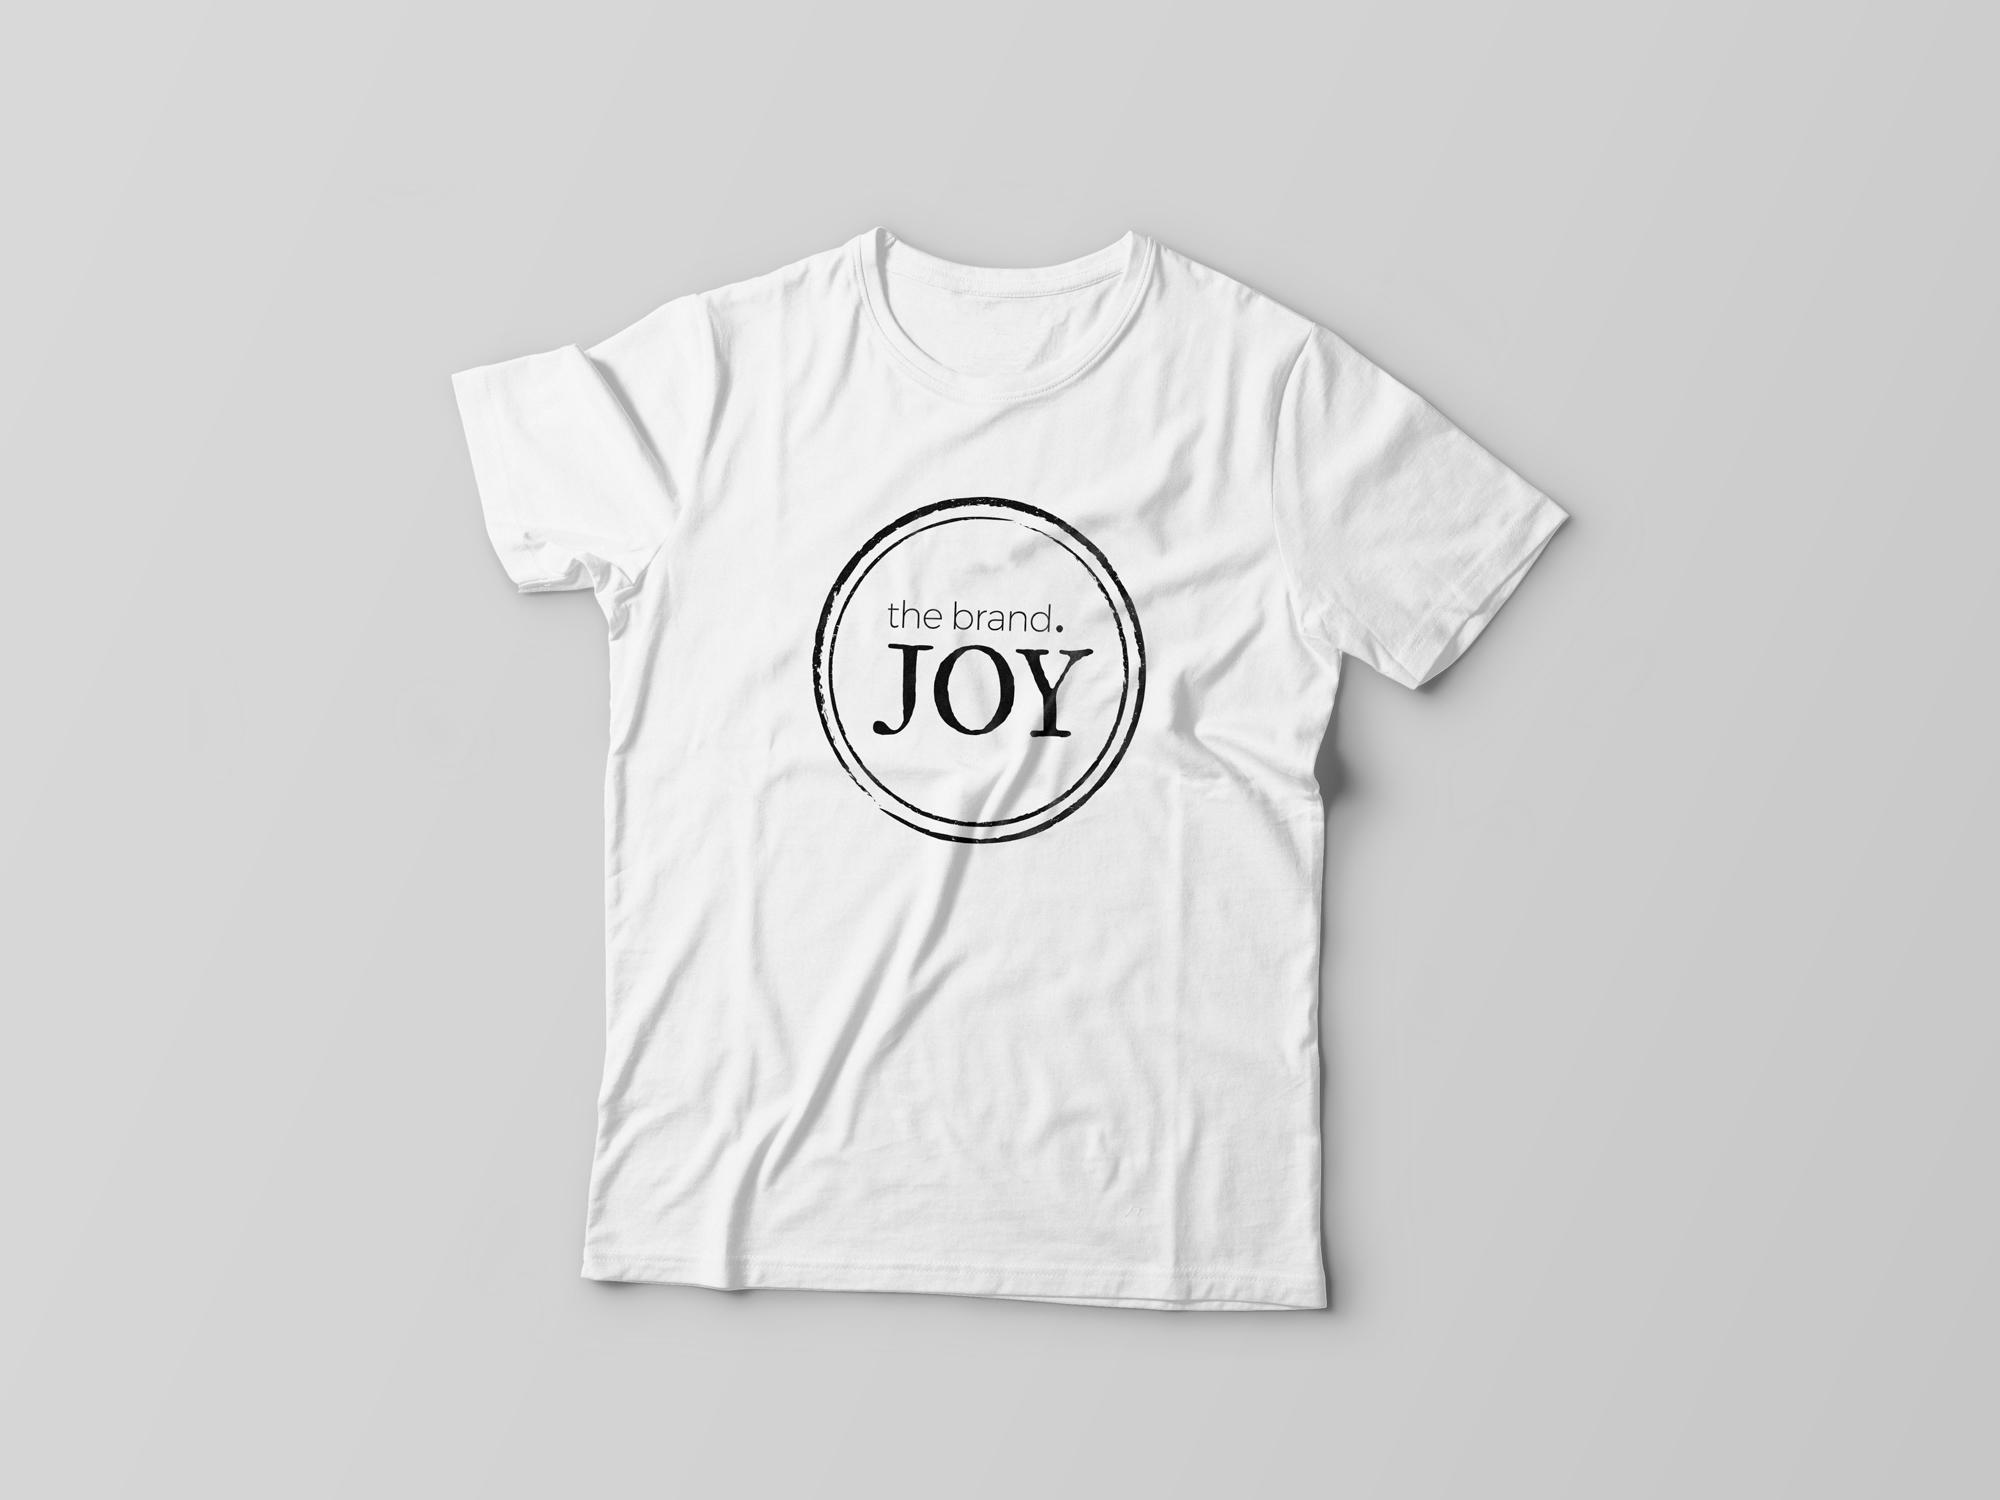 thebrandjoy_t-shirt_mockup